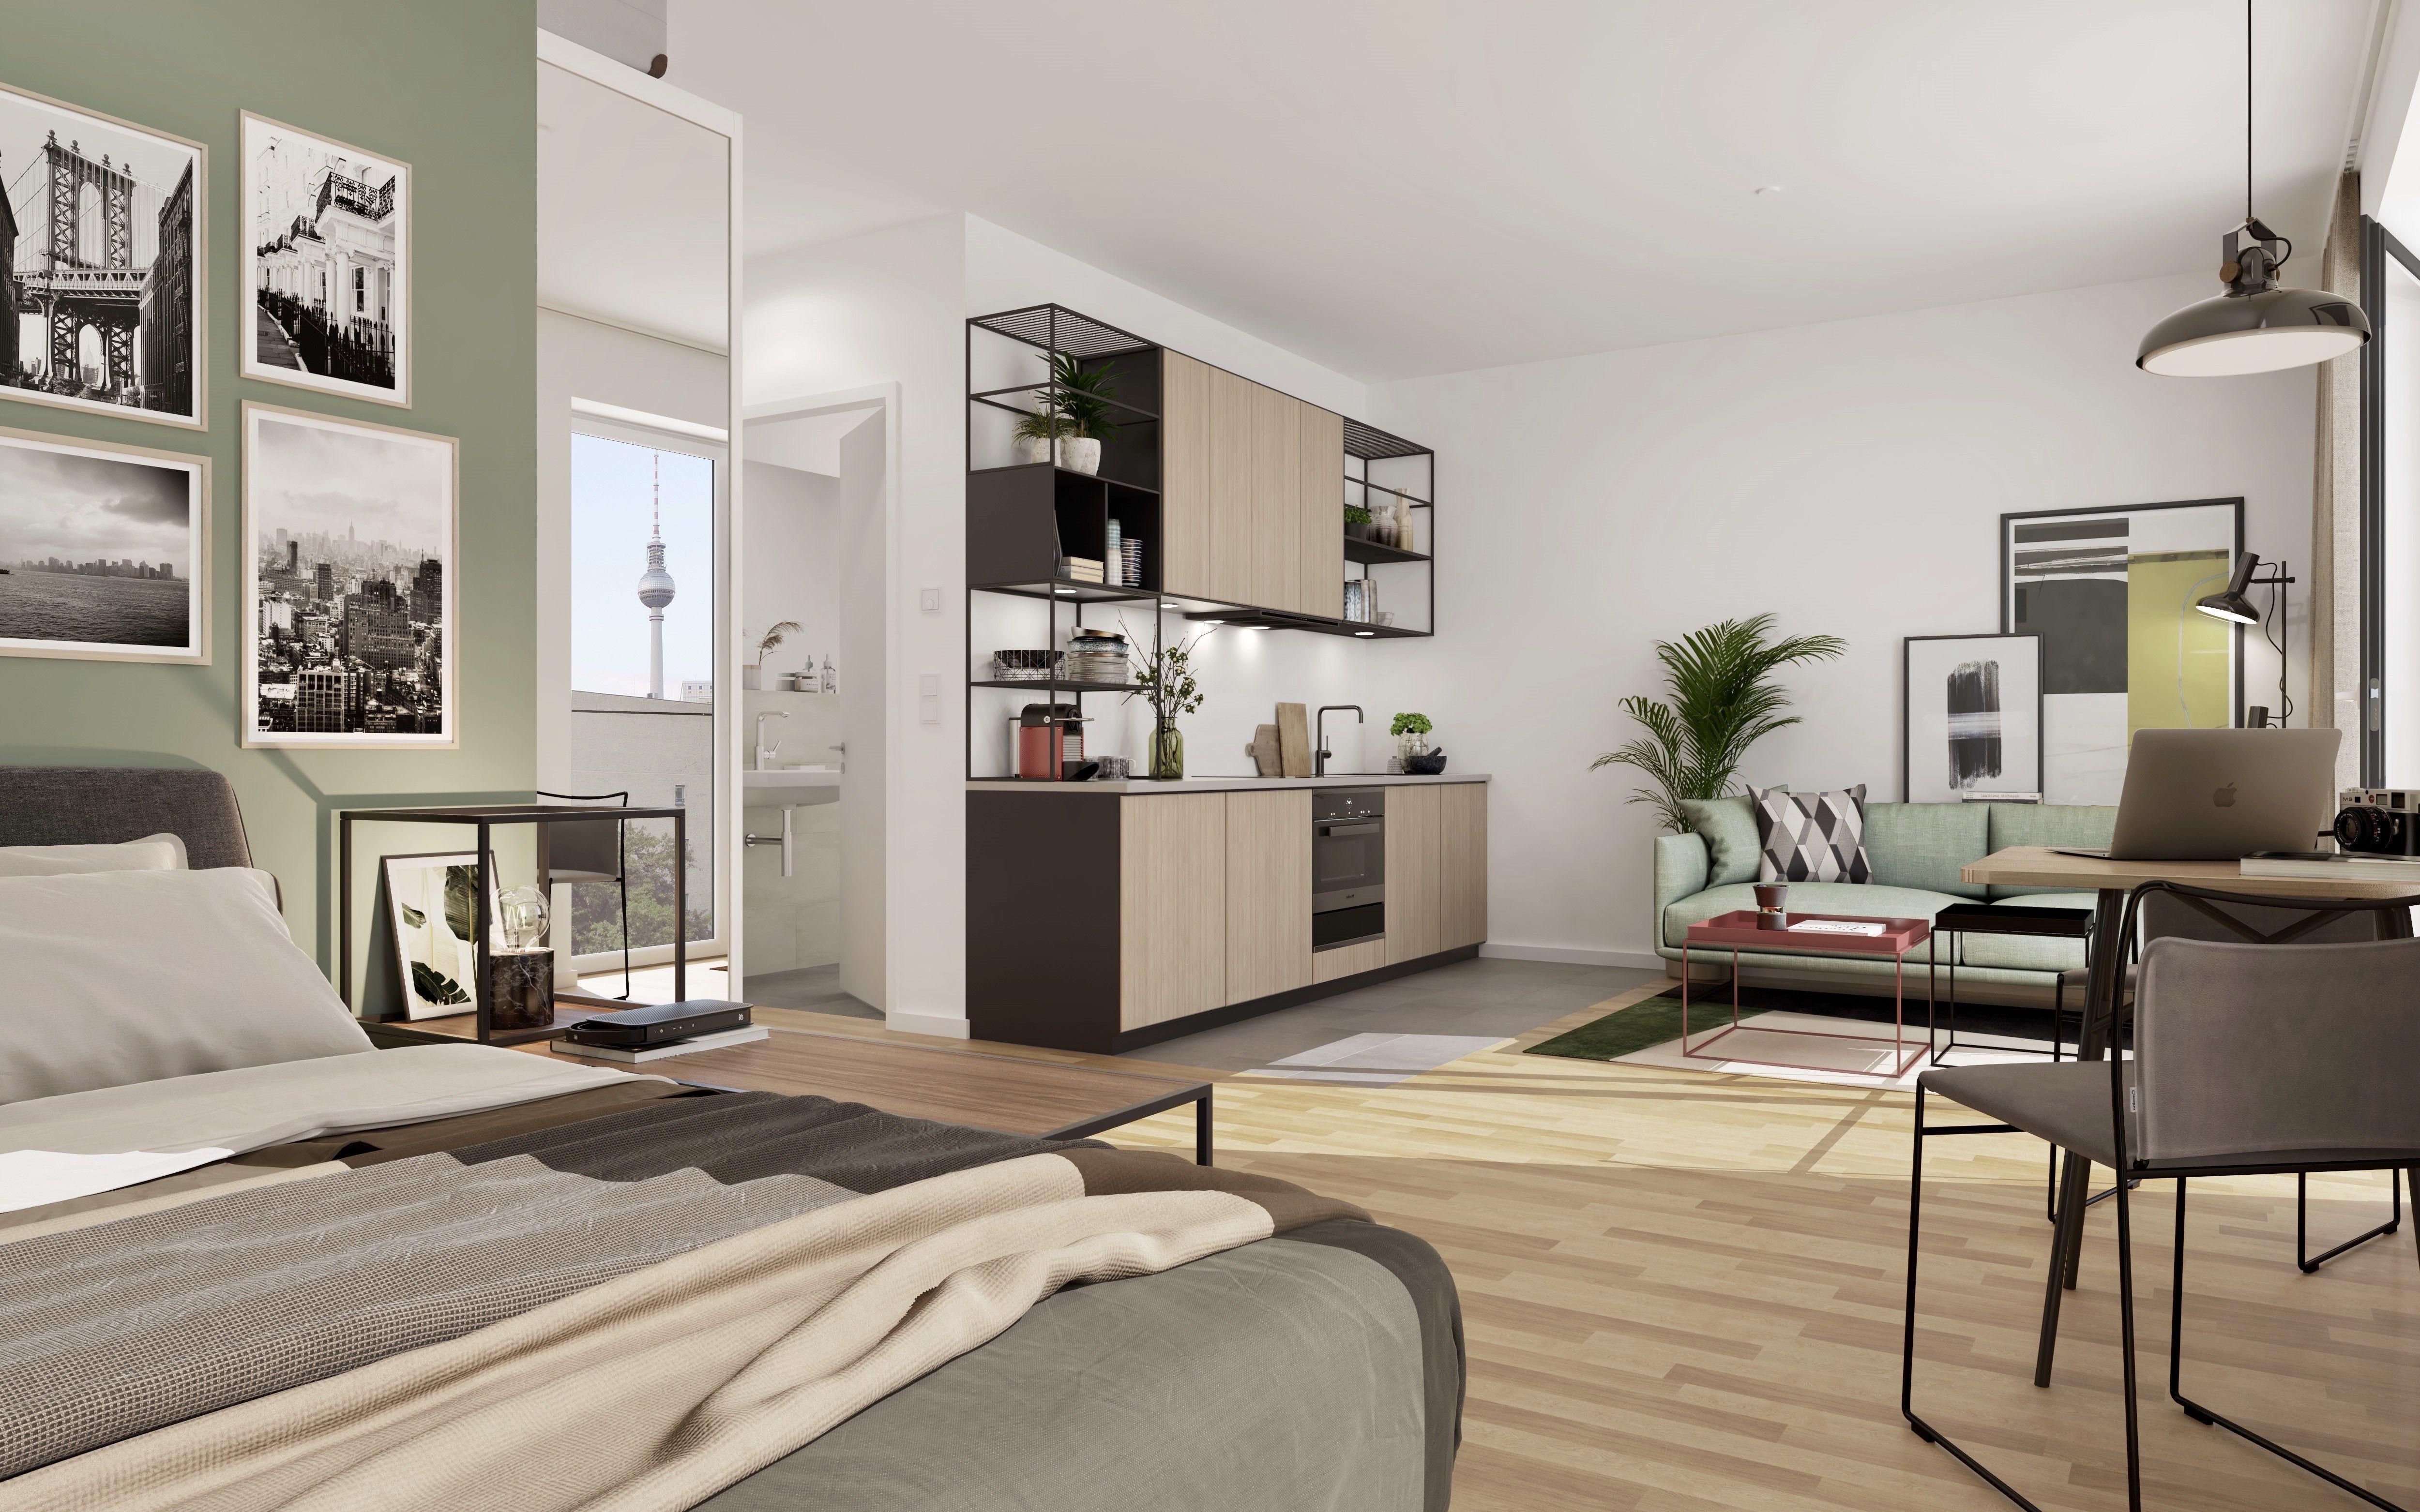 Erleben Sie Diese Moderne 1 Zimmer Wohnung In Unserem Neubauprojekt Schilling In Berlin Mitte Mit Hilfe Des 360 Grad Rundgangs N In 2020 Wohnung Haus 1 Zimmer Wohnung